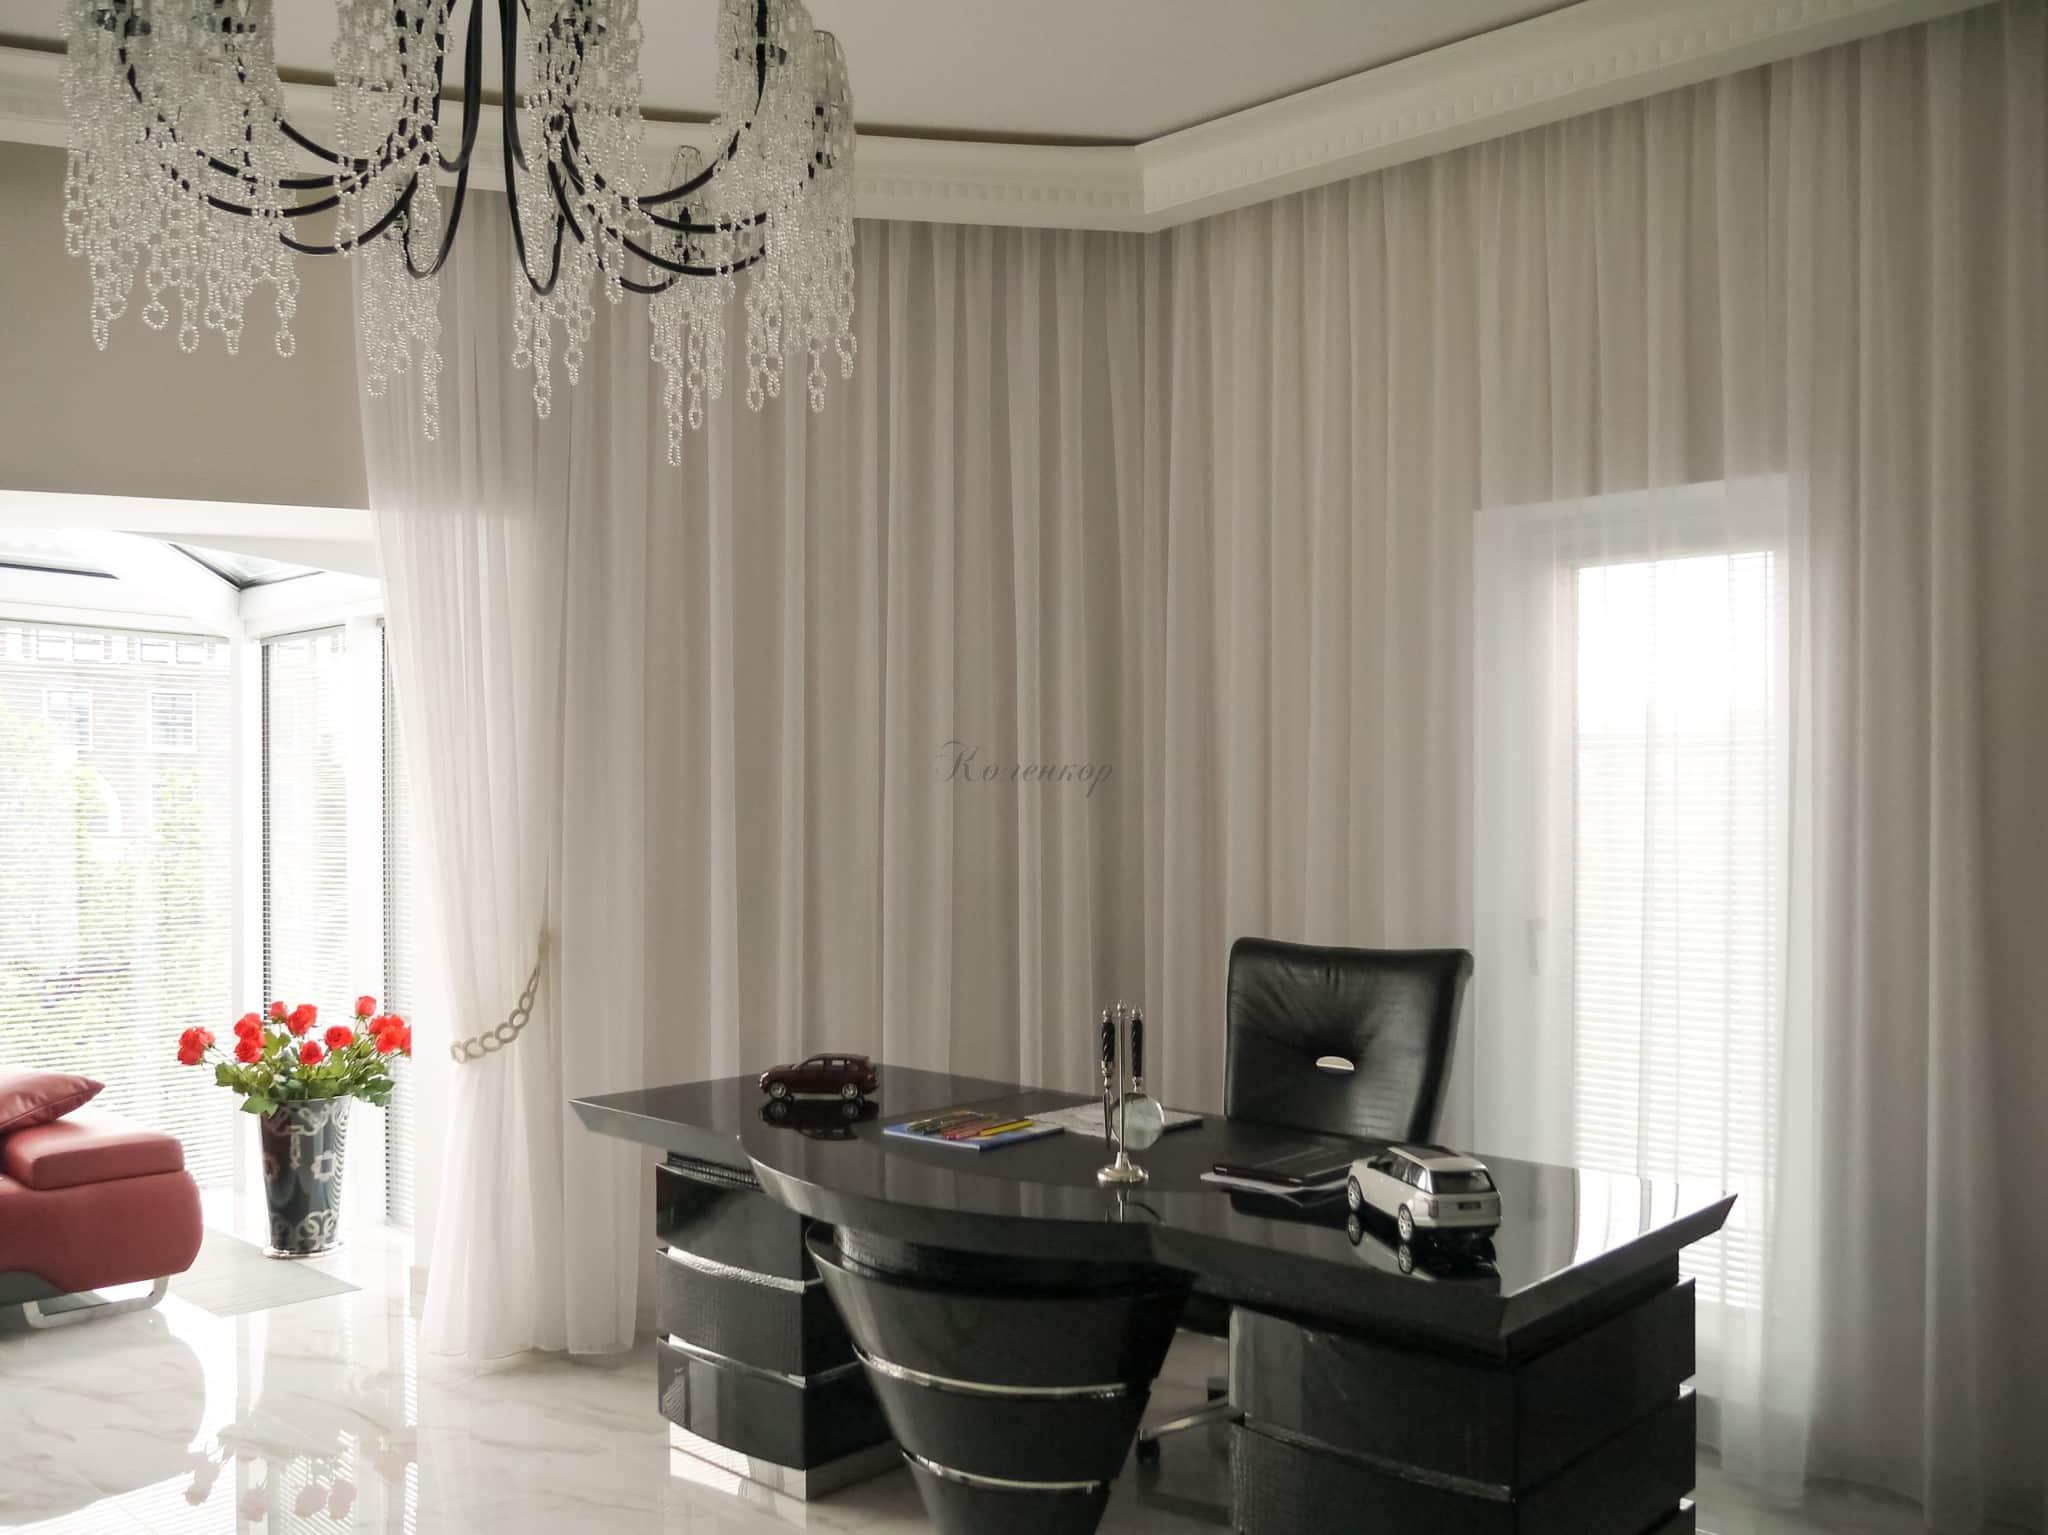 Лучшие шторы в кабинет или офис, фото дизайна офисных штор для руководителя и не только